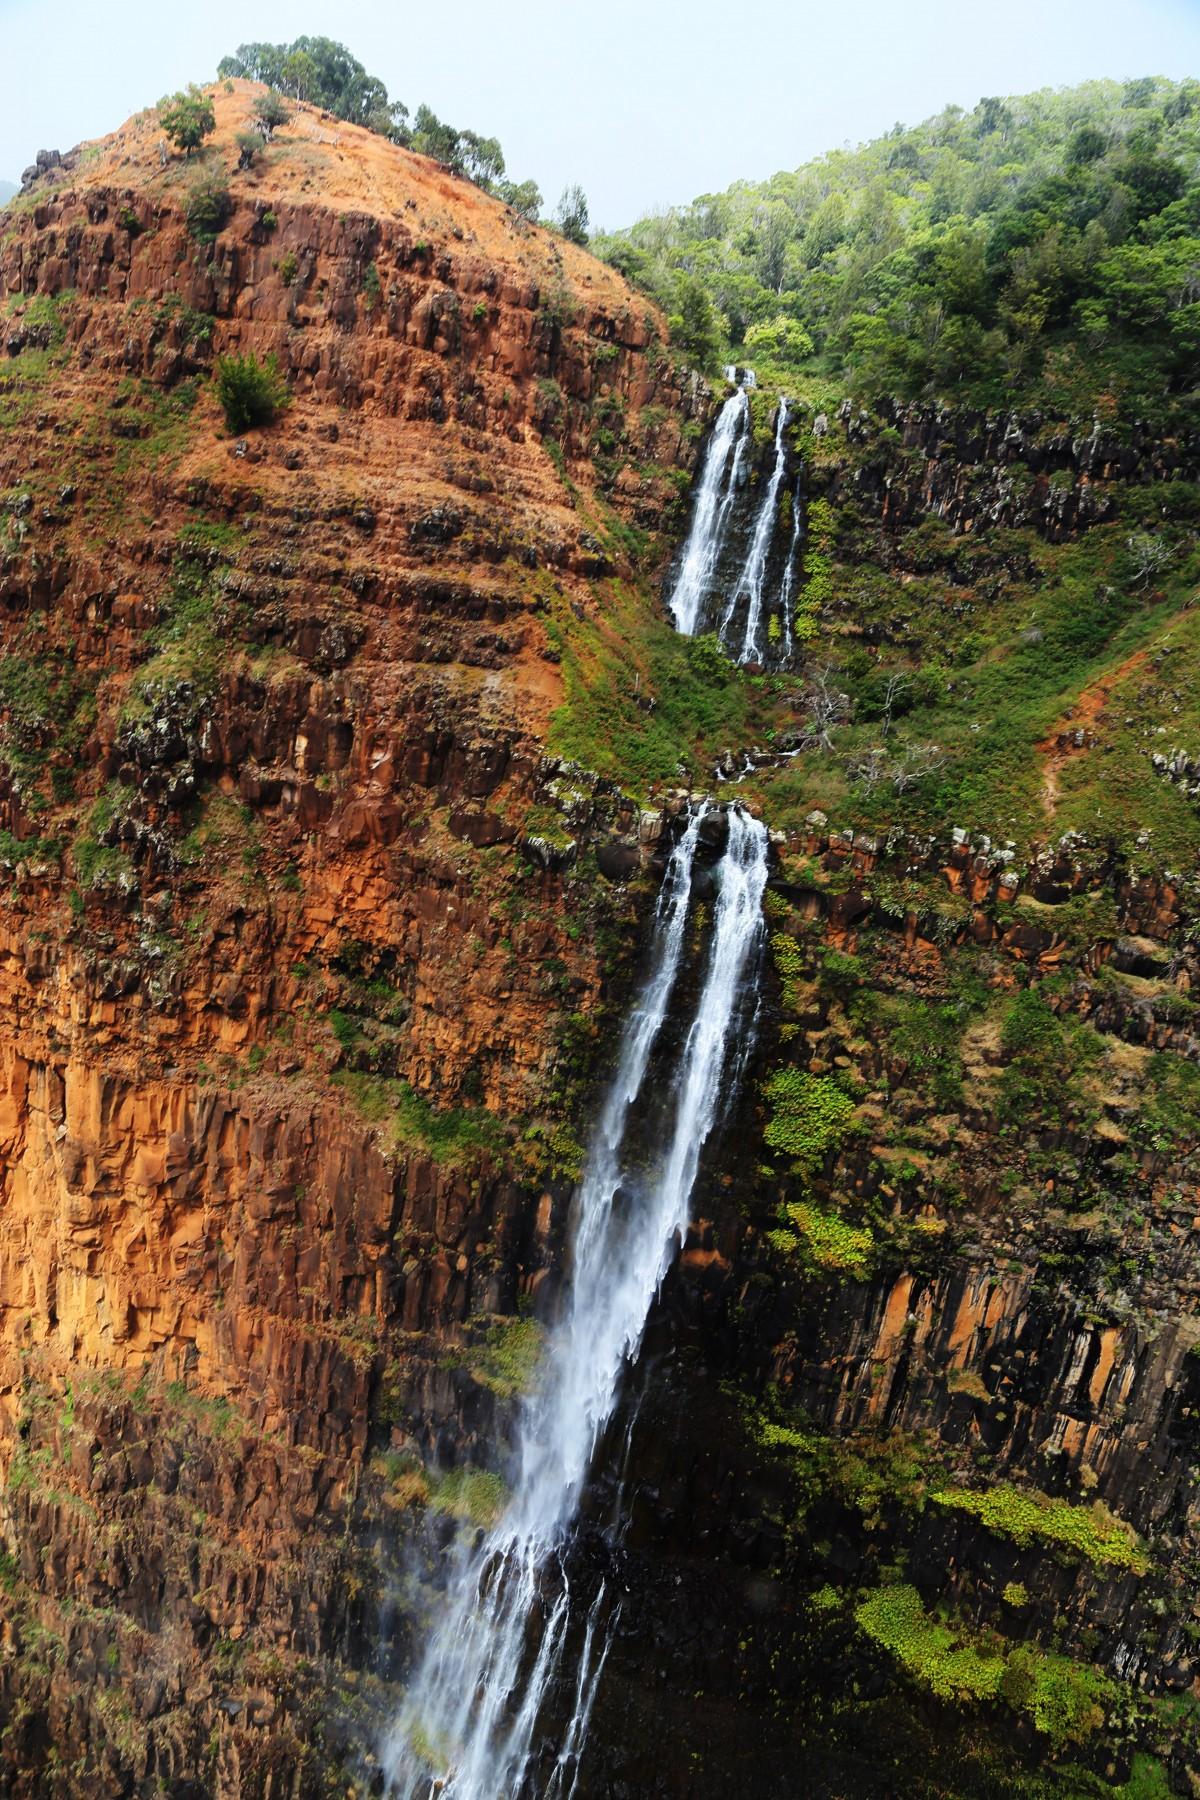 En av många vattenfall i öns inre otillgängliga berglandskap, skapat av vulkanutbrott för miljoner år sedan.